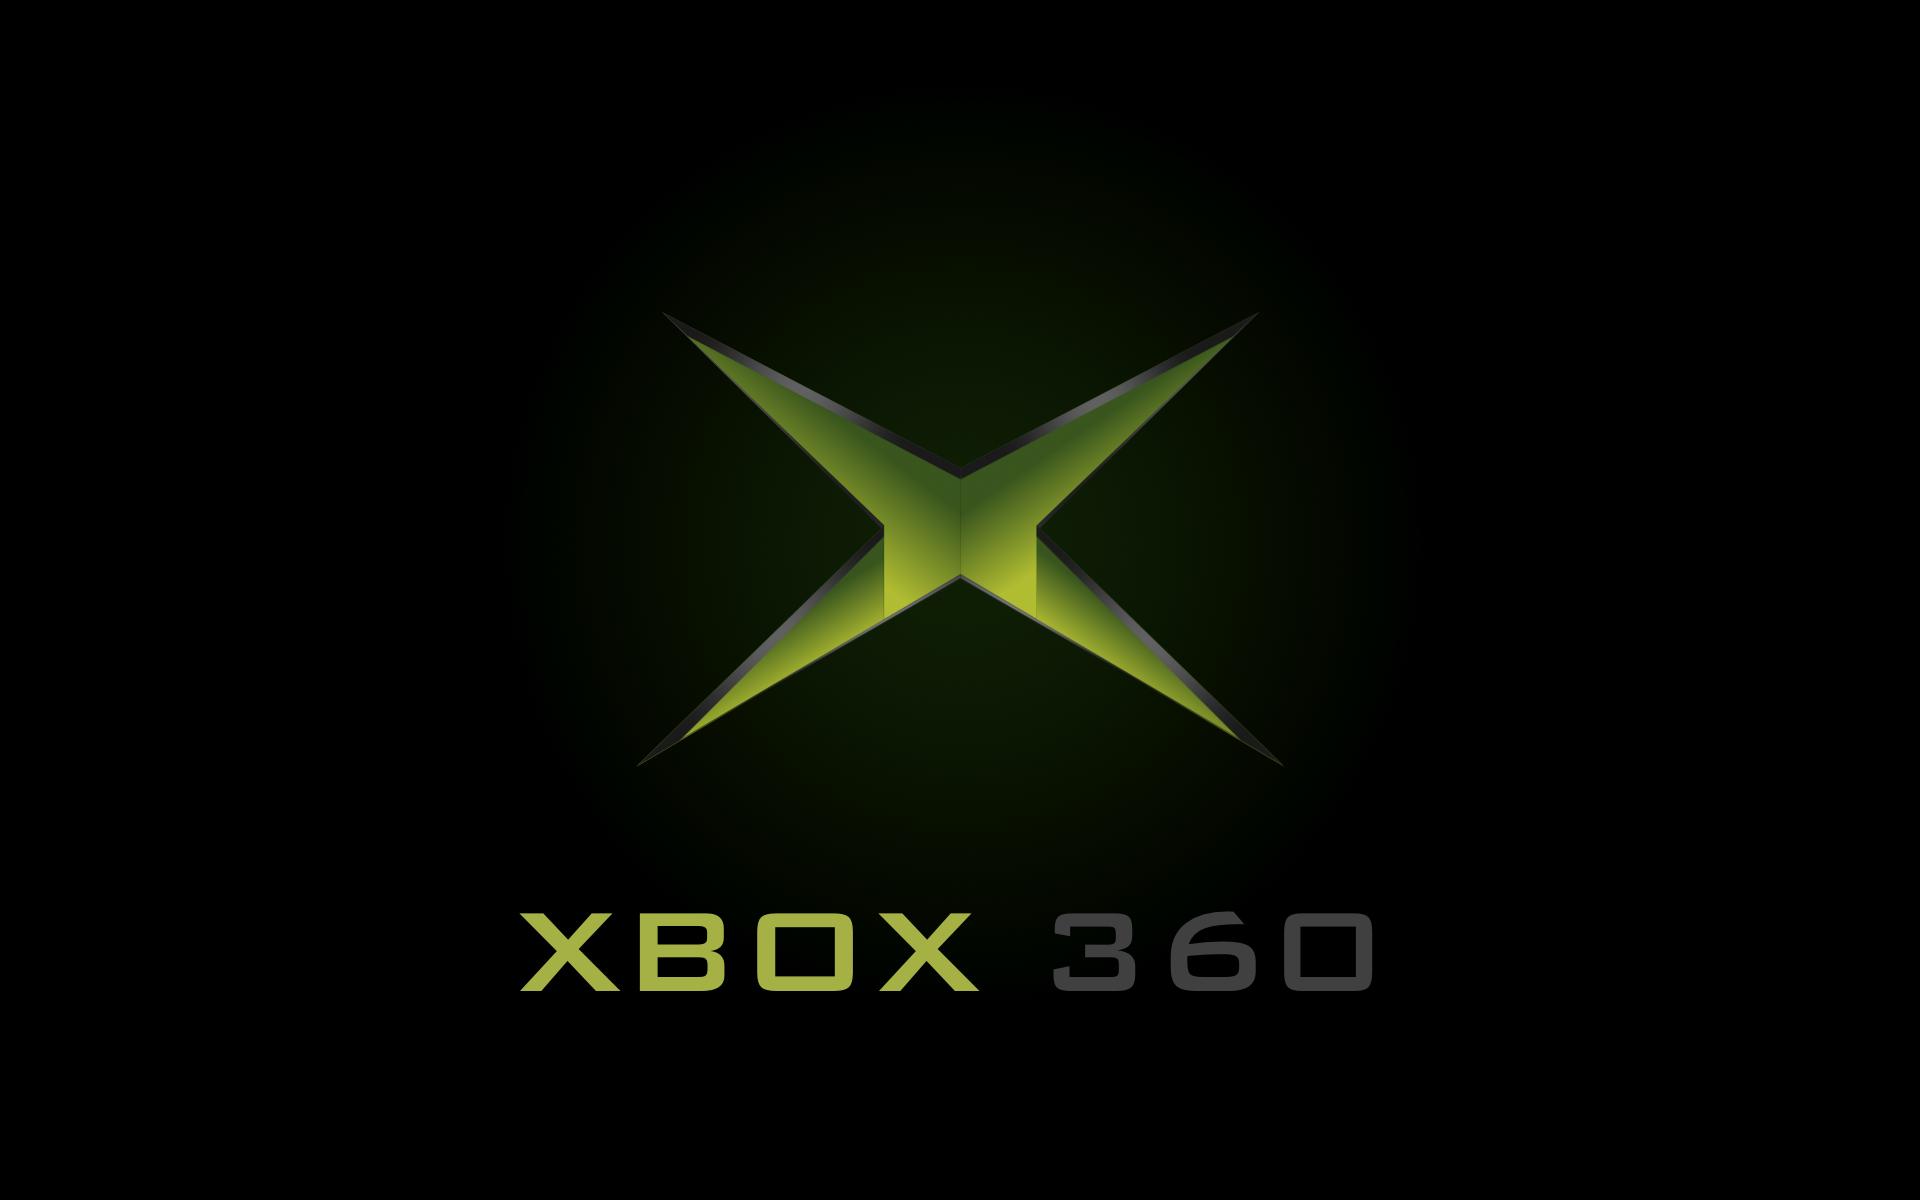 black xbox 360 logo wallpaper 1920x1200